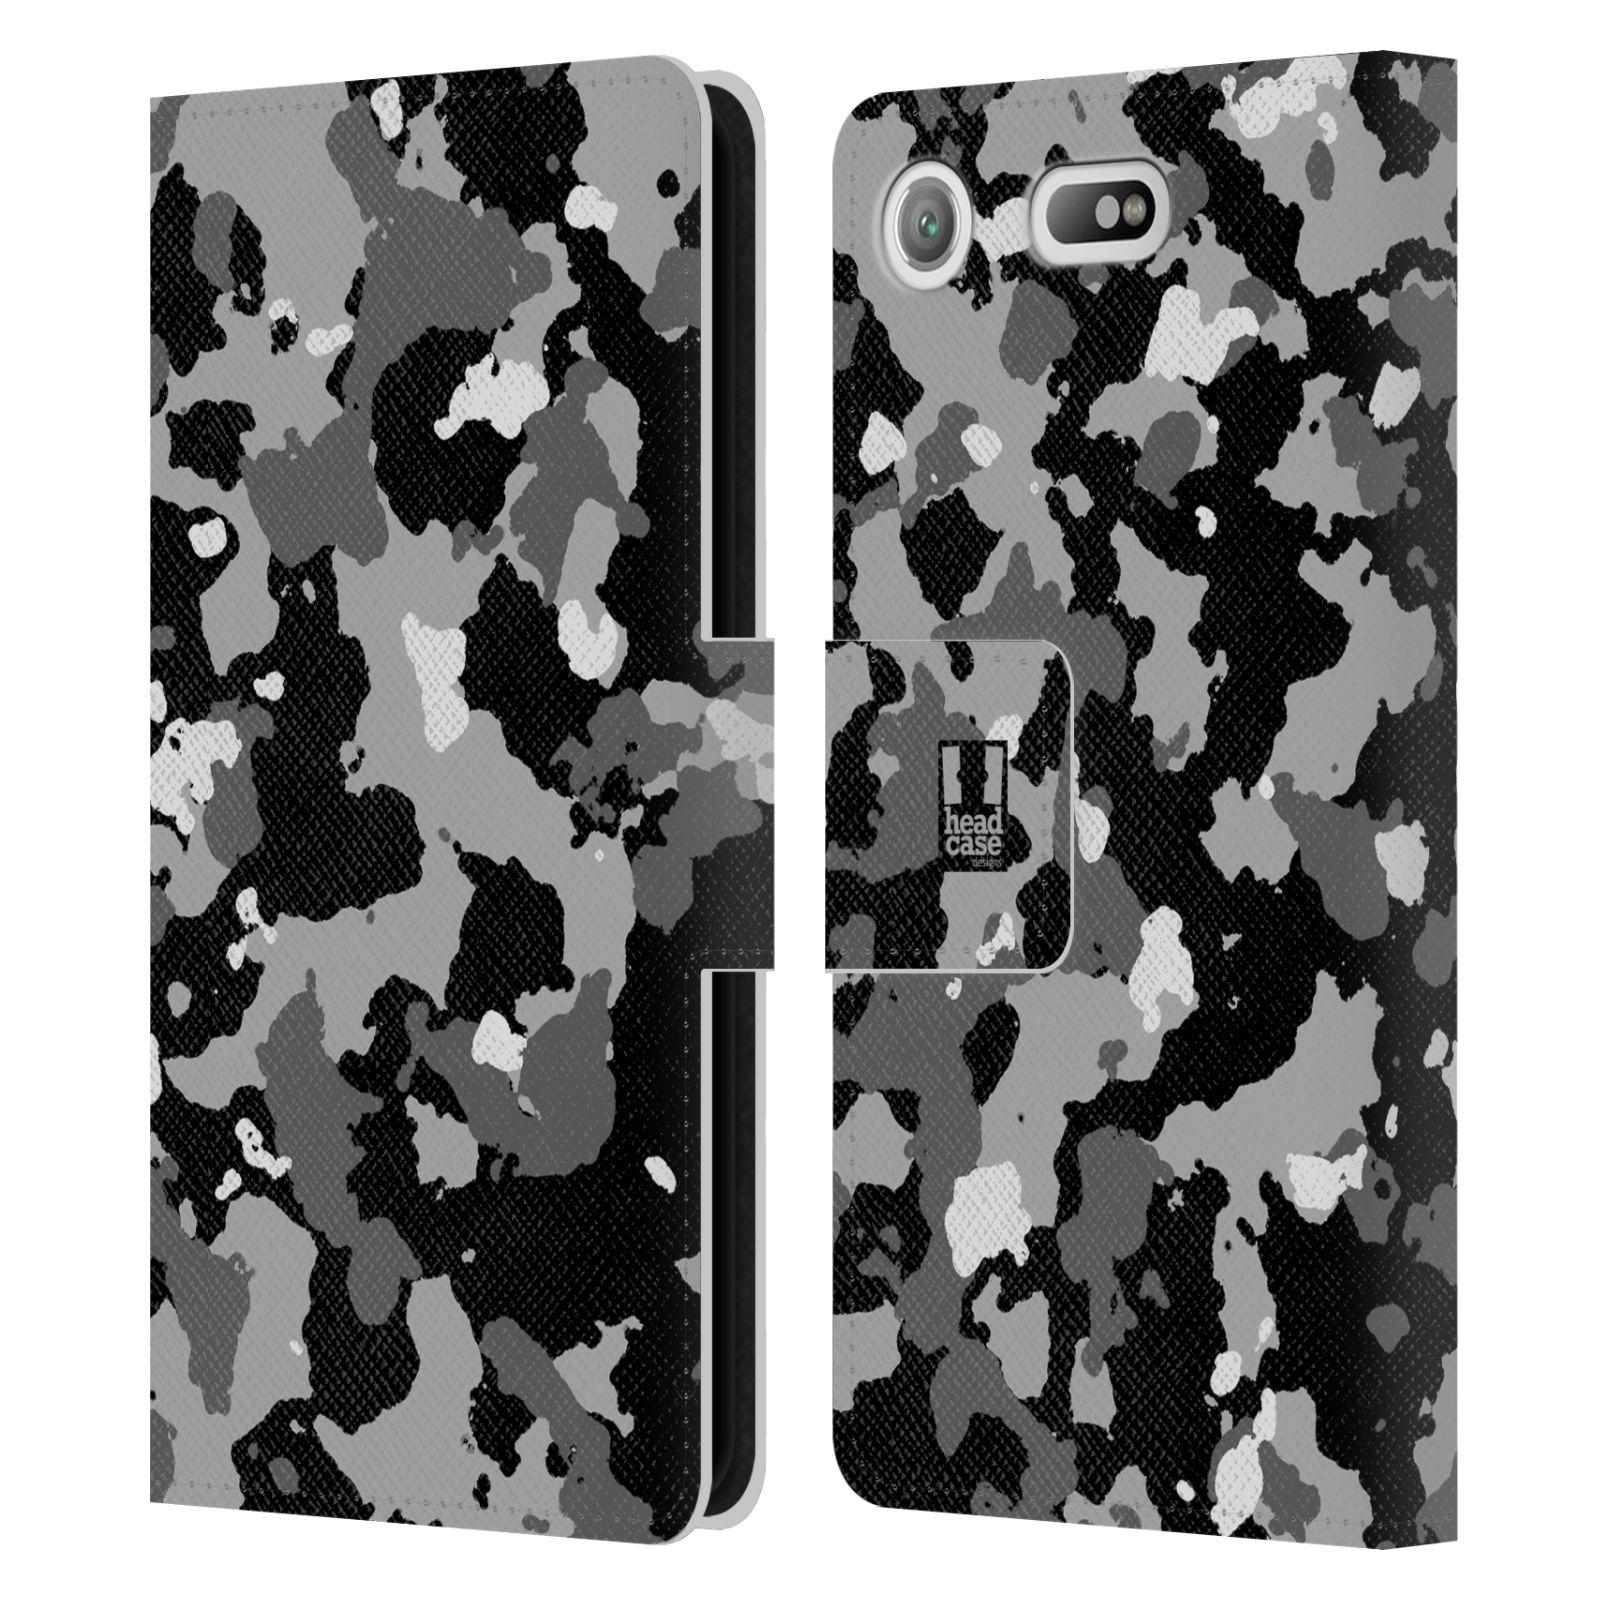 Pouzdro na mobil Sony Xperia XZ1 Compact - Head Case - kamuflaž černá a šedá